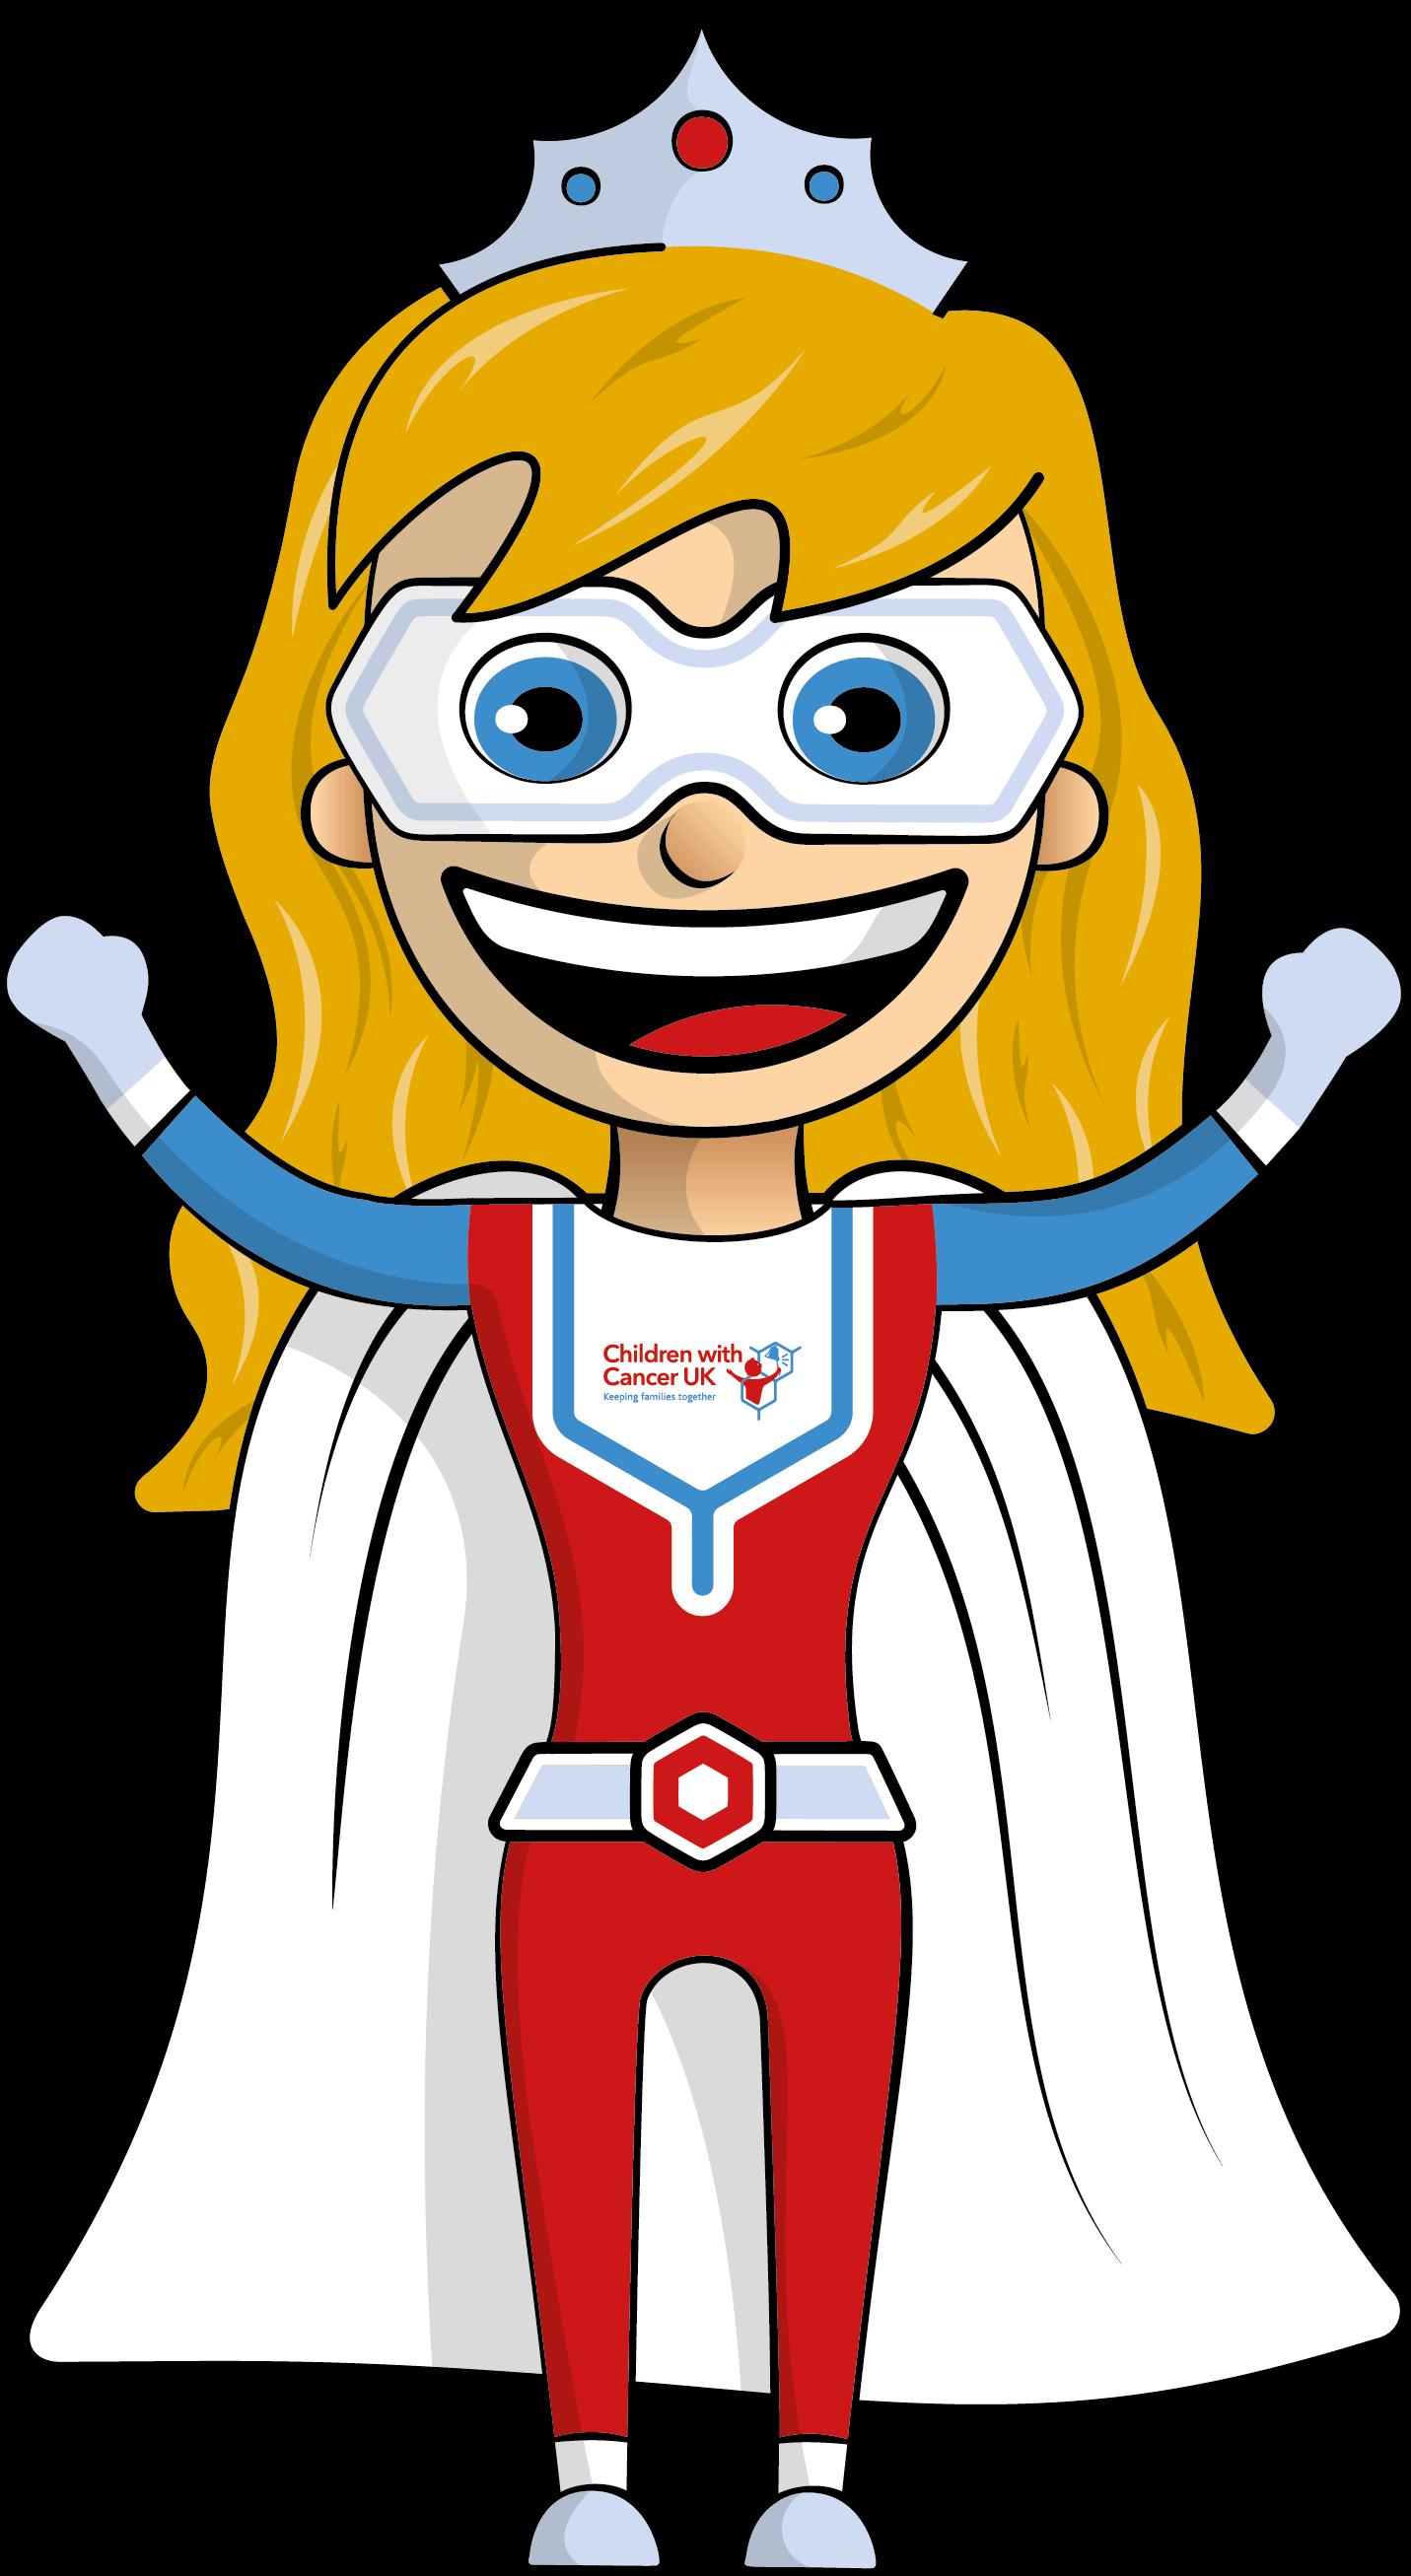 Superhero-Girl cheering